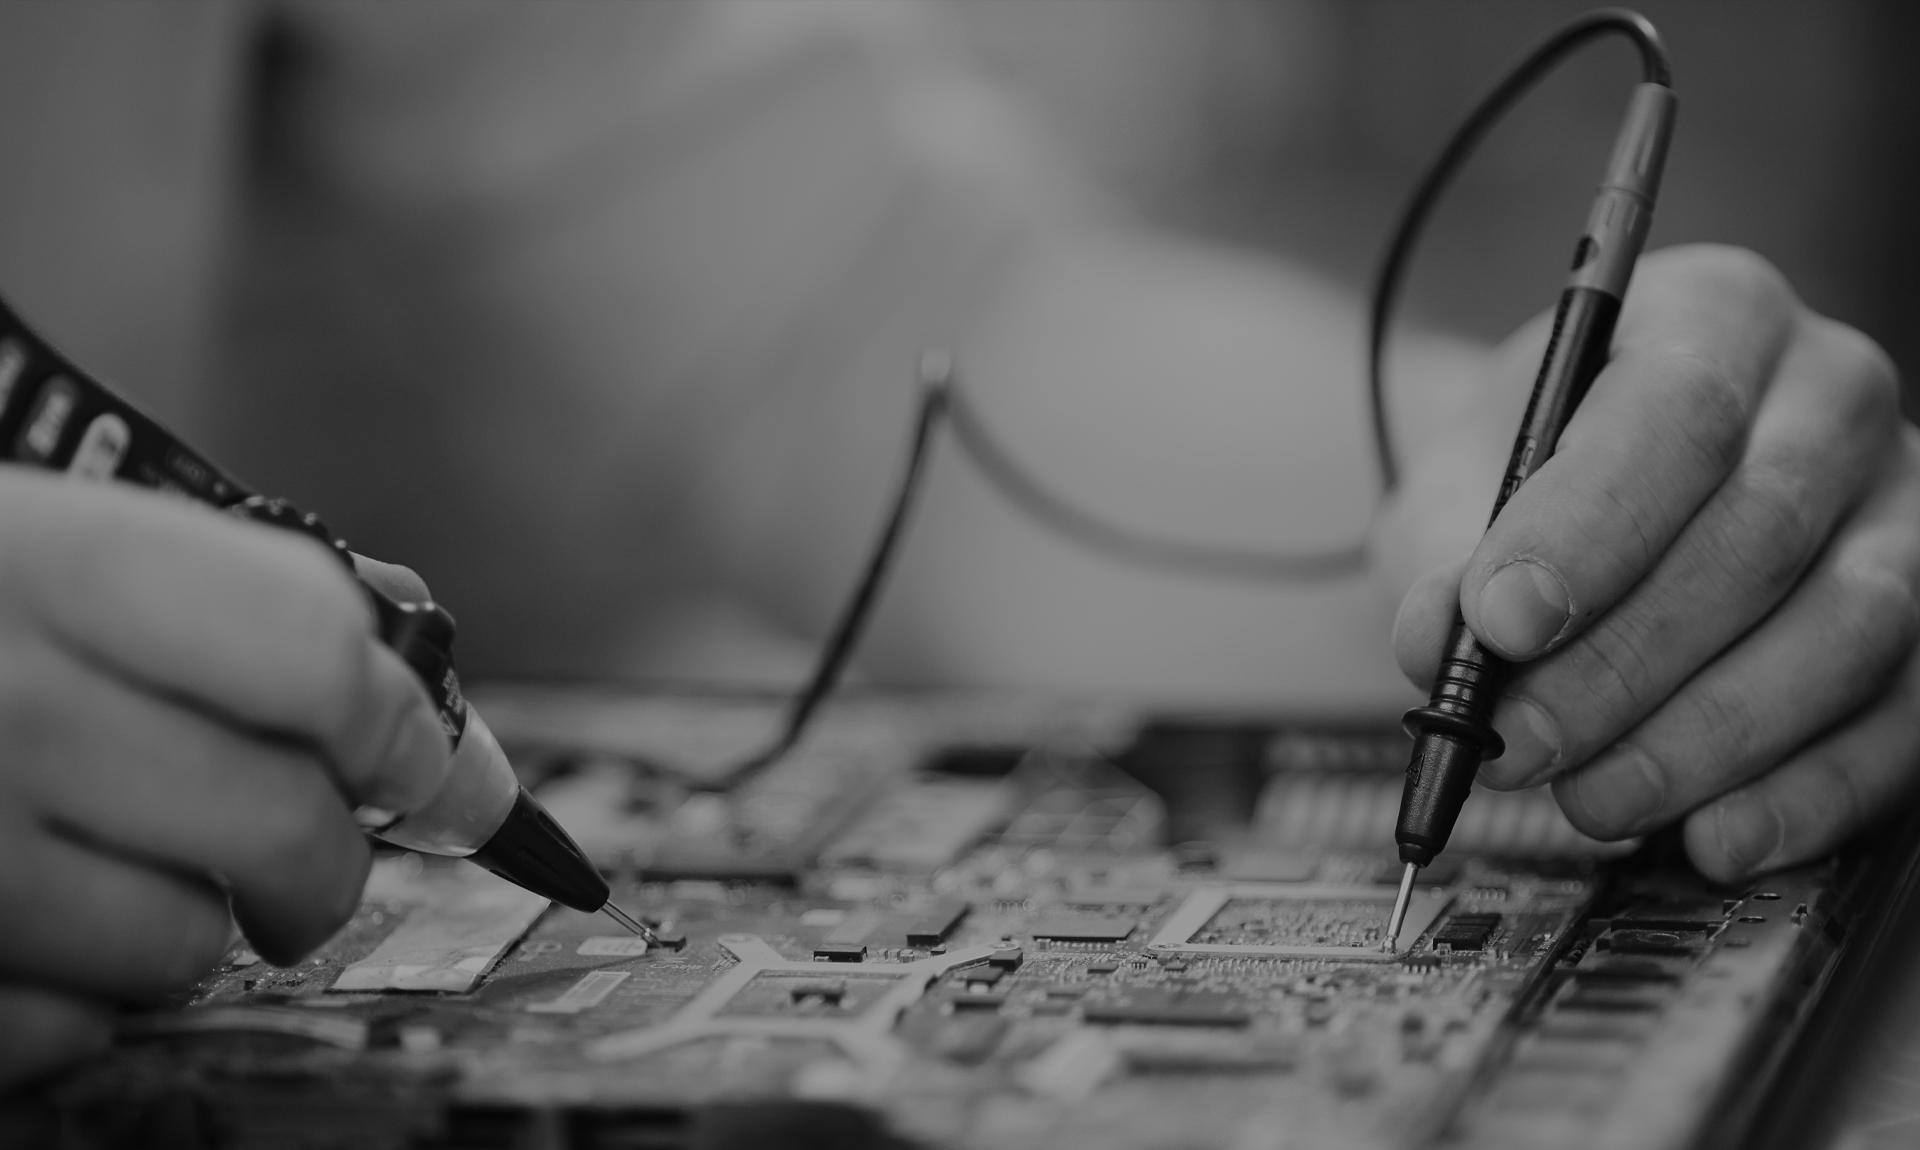 Industria elettrotecnica: operaio al lavoro in bianco e nero/Eletrcial engineering: man at work B/W